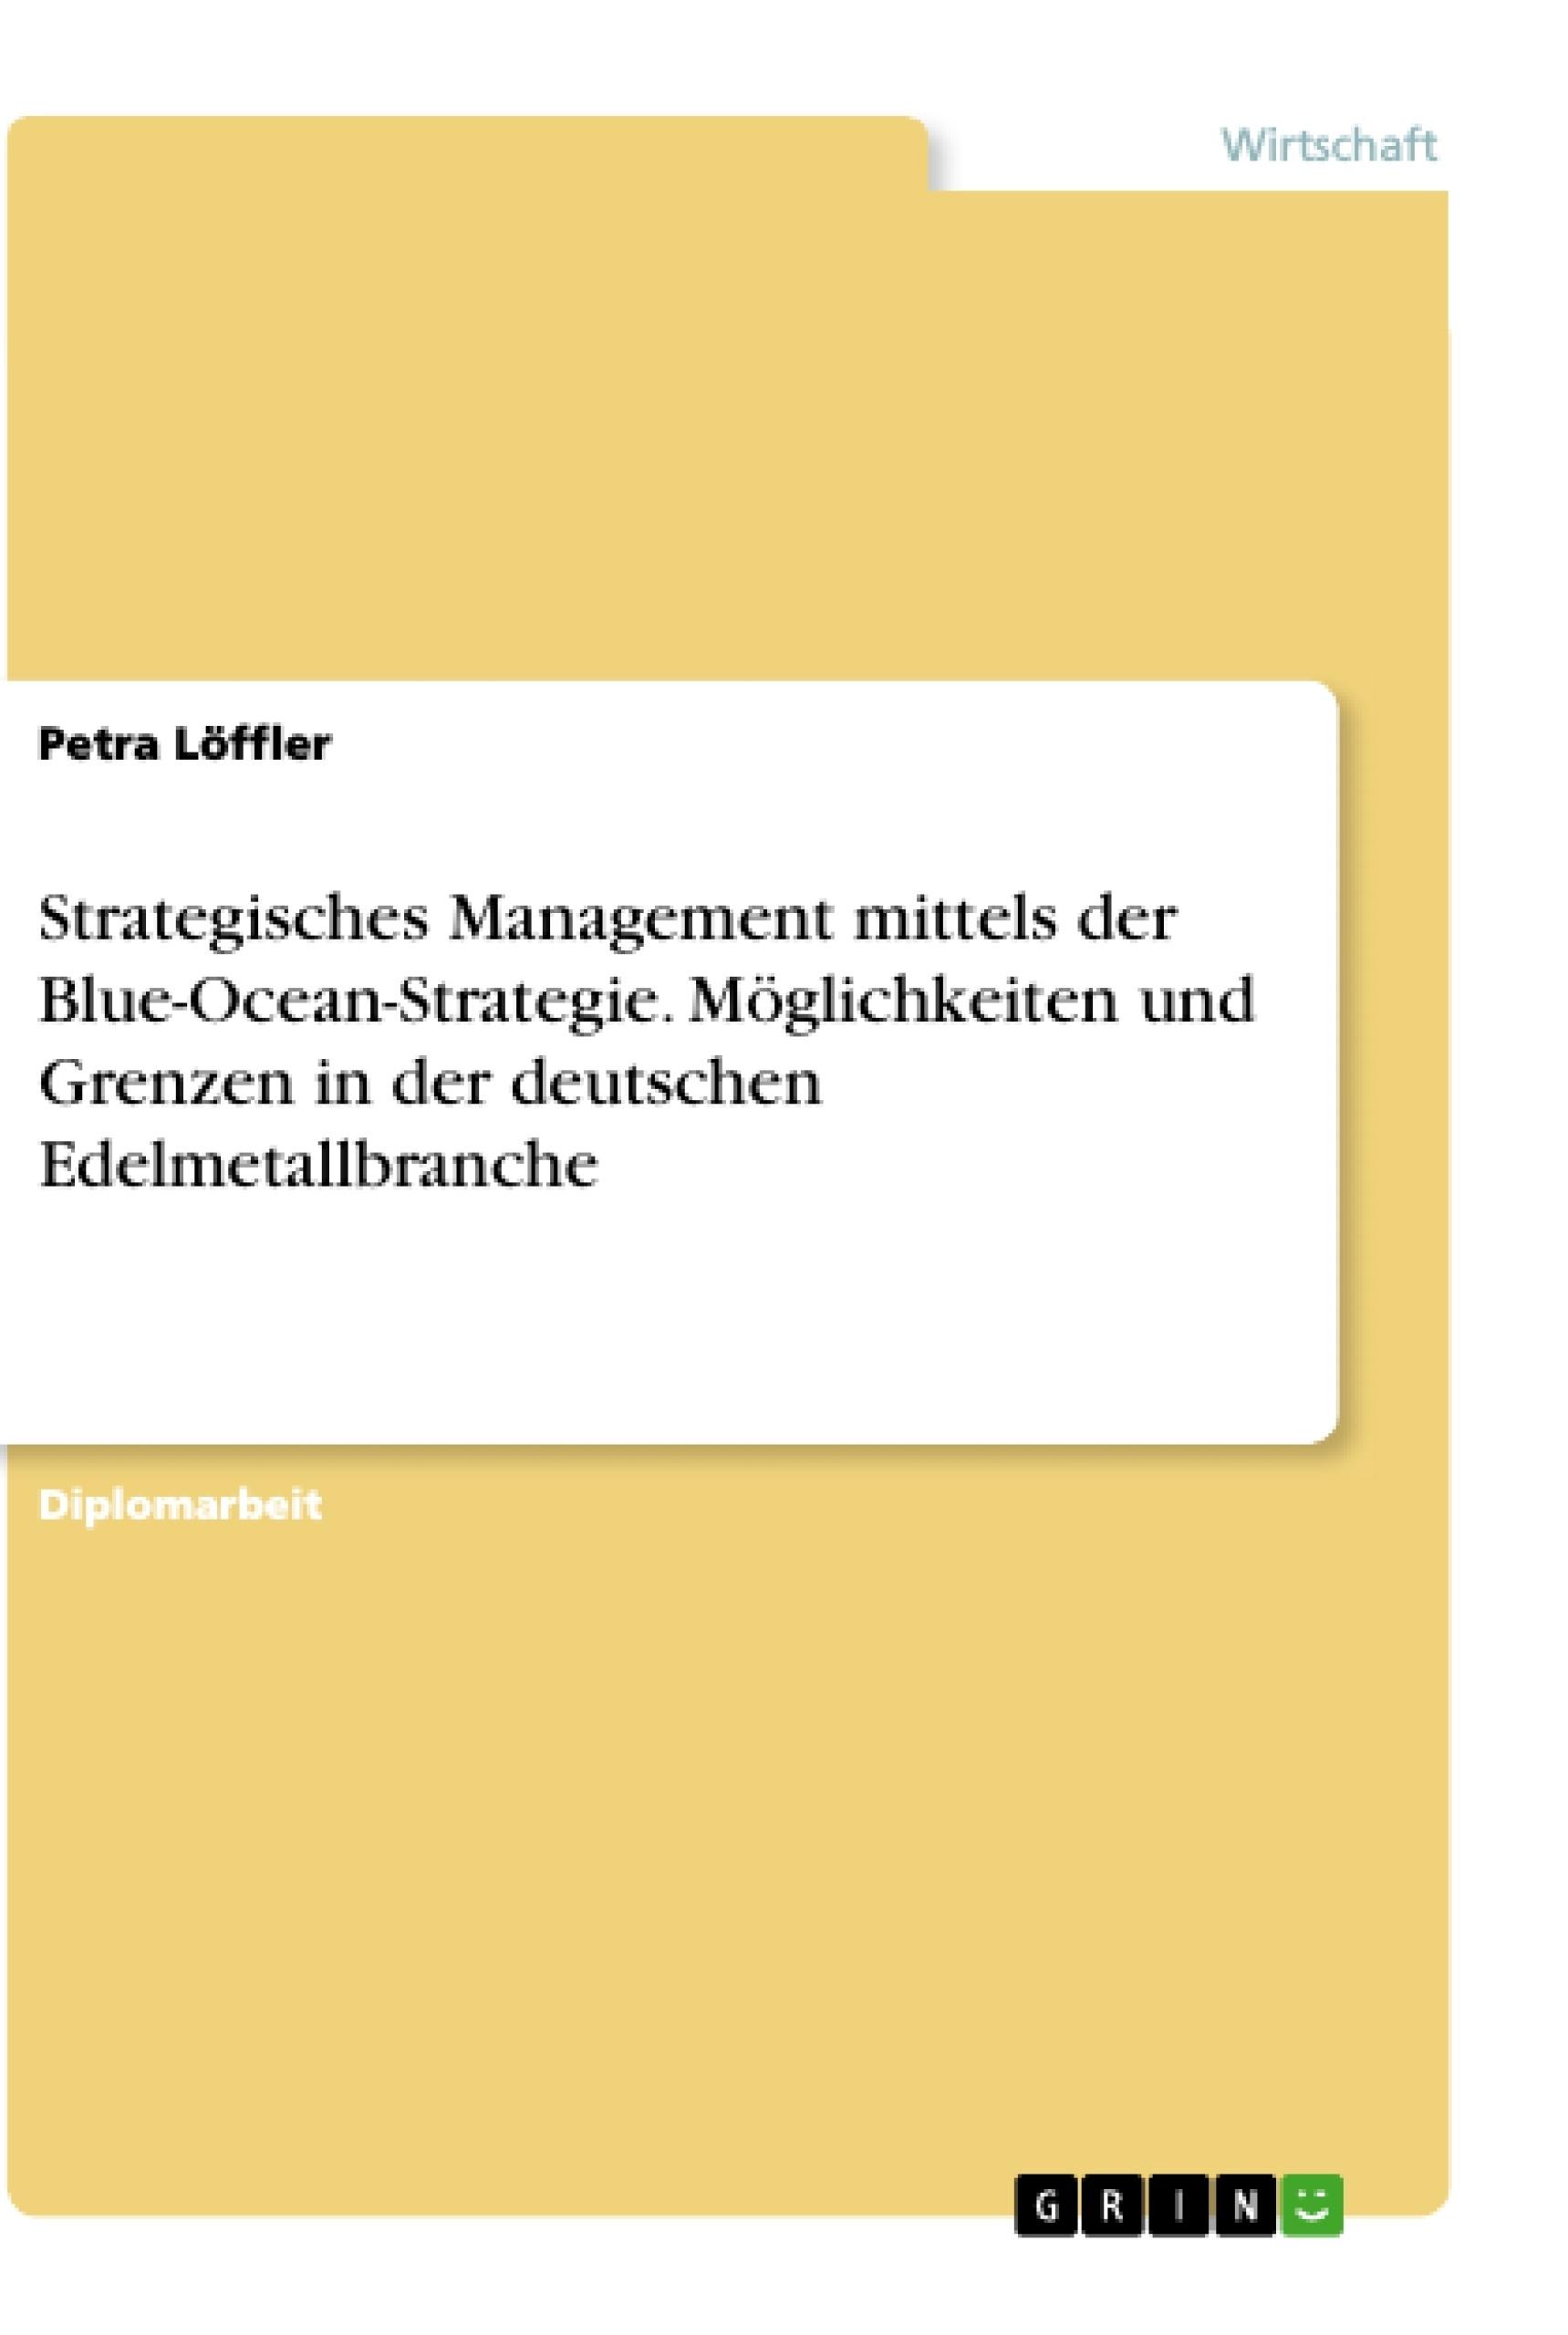 Titel: Strategisches Management mittels der Blue-Ocean-Strategie. Möglichkeiten und Grenzen in der  deutschen Edelmetallbranche